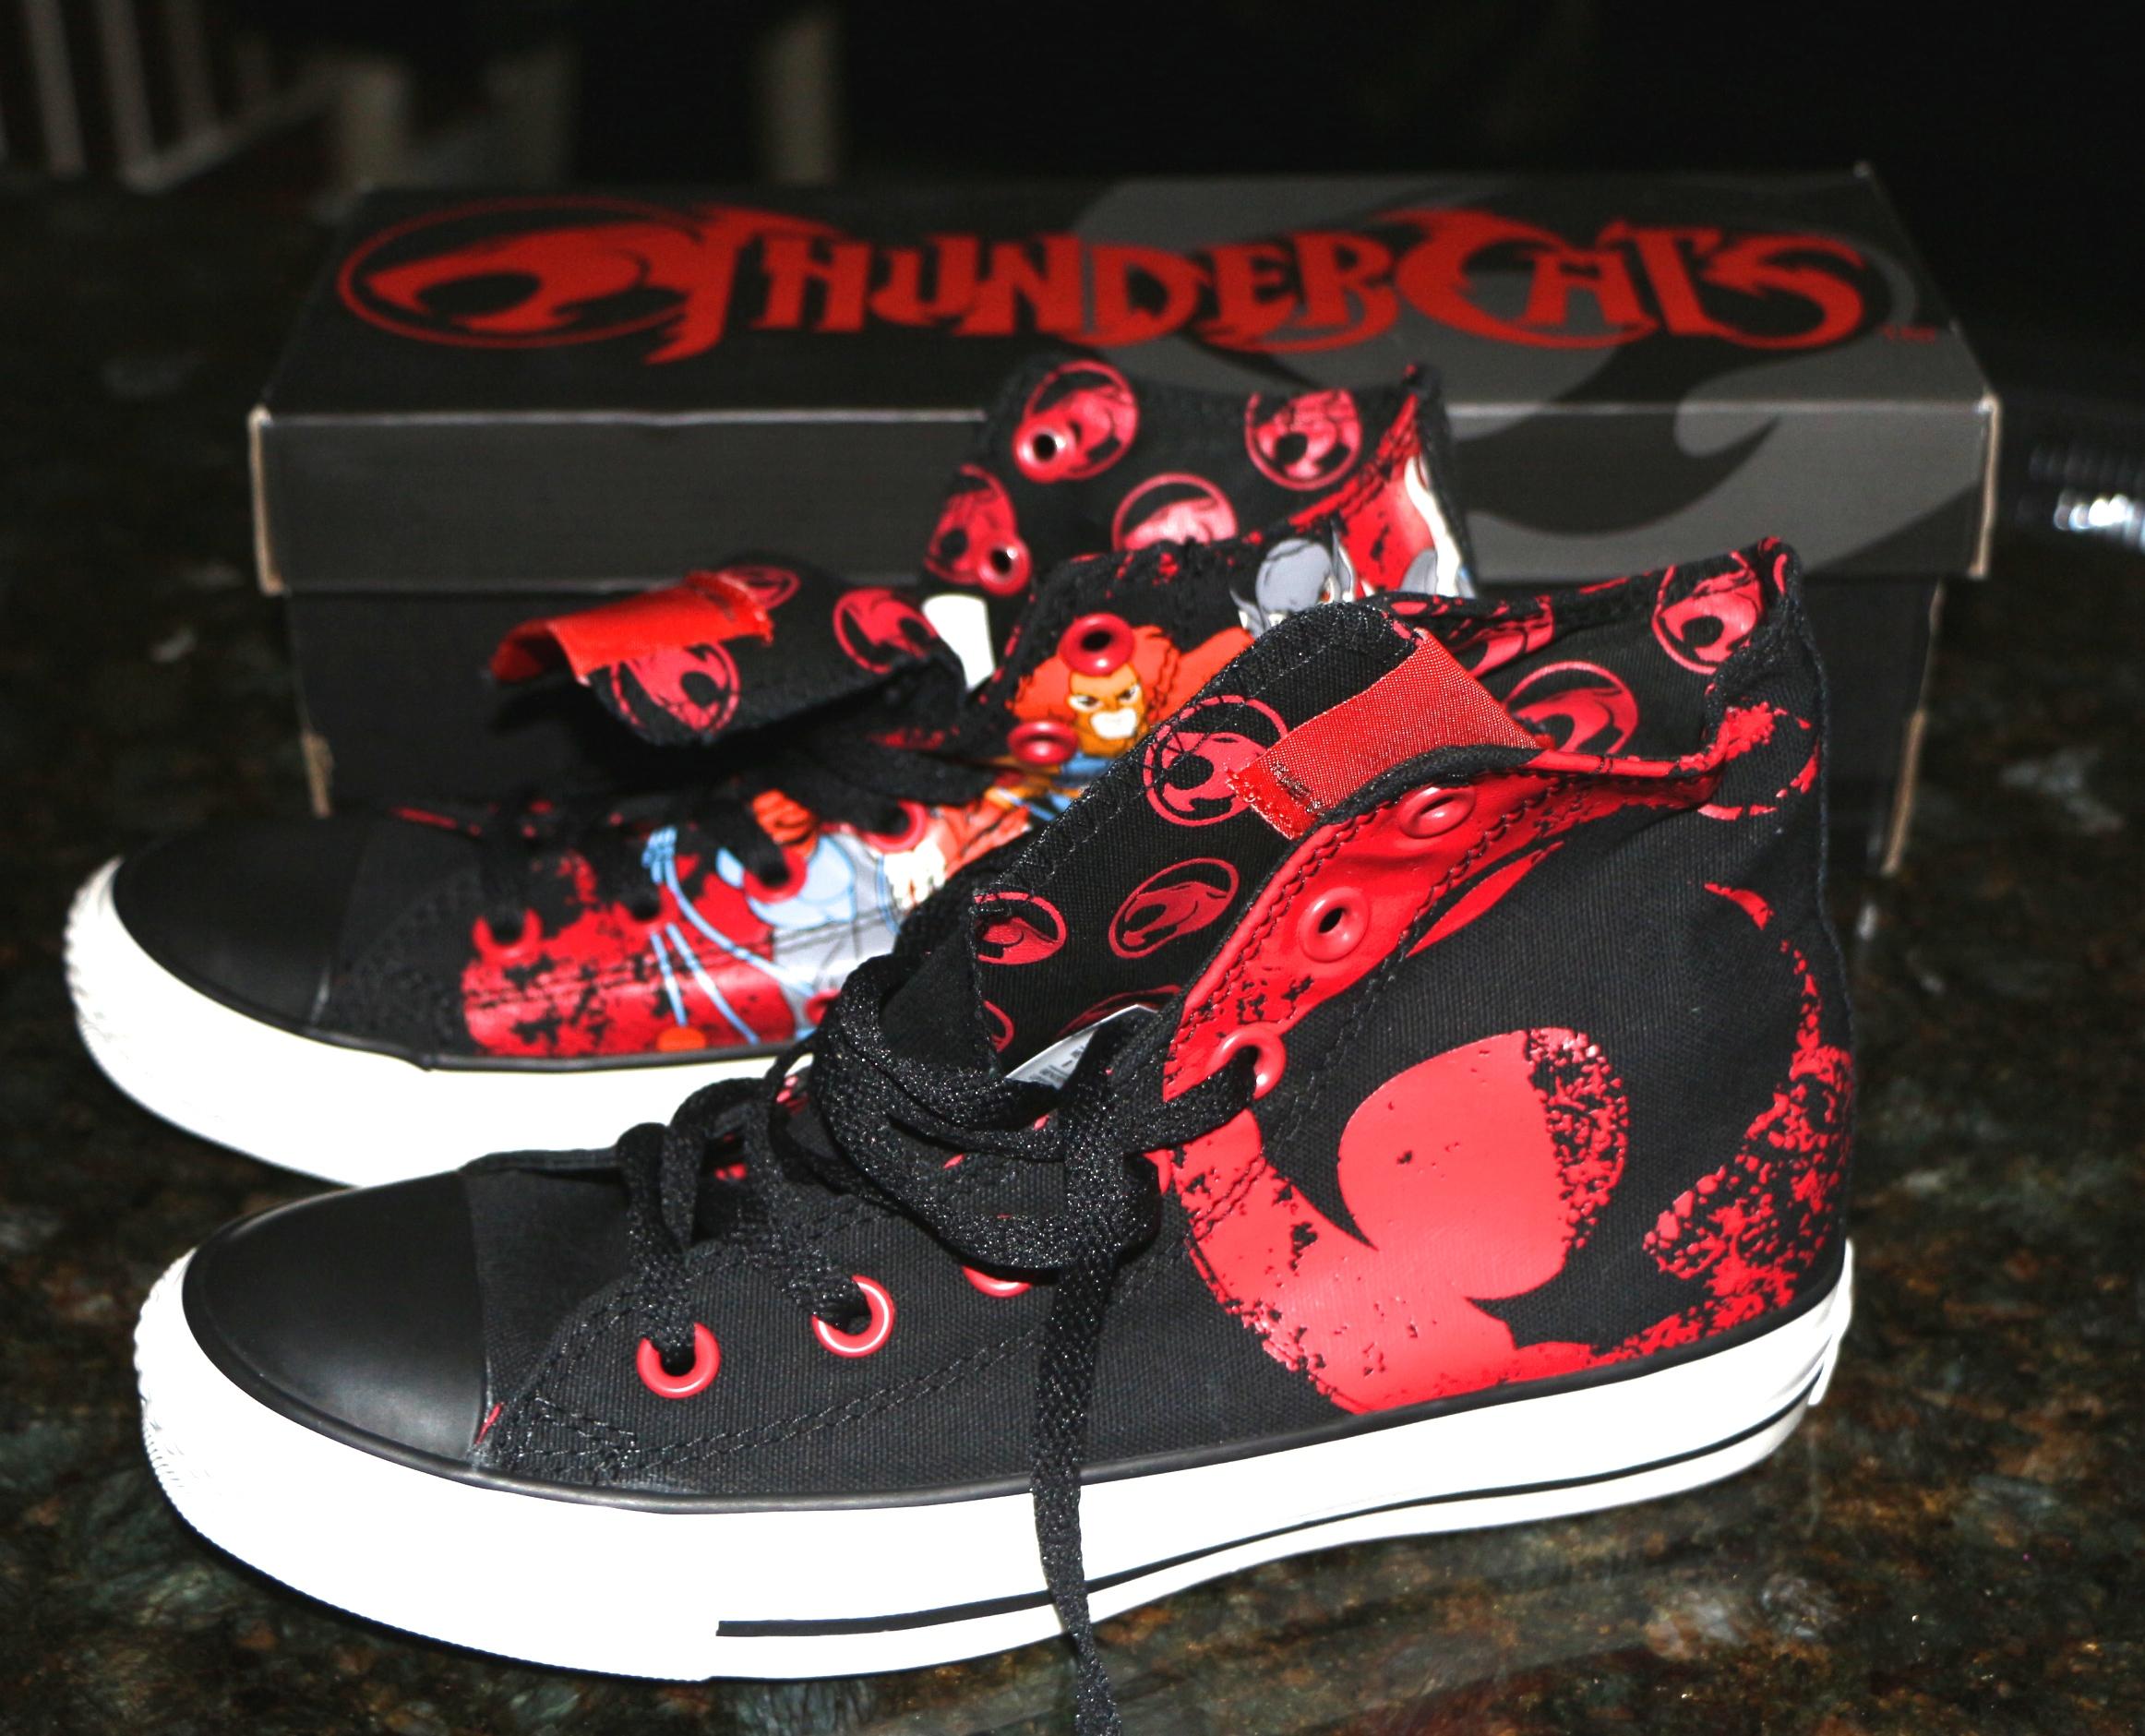 6b0a558c833746 Thundercats